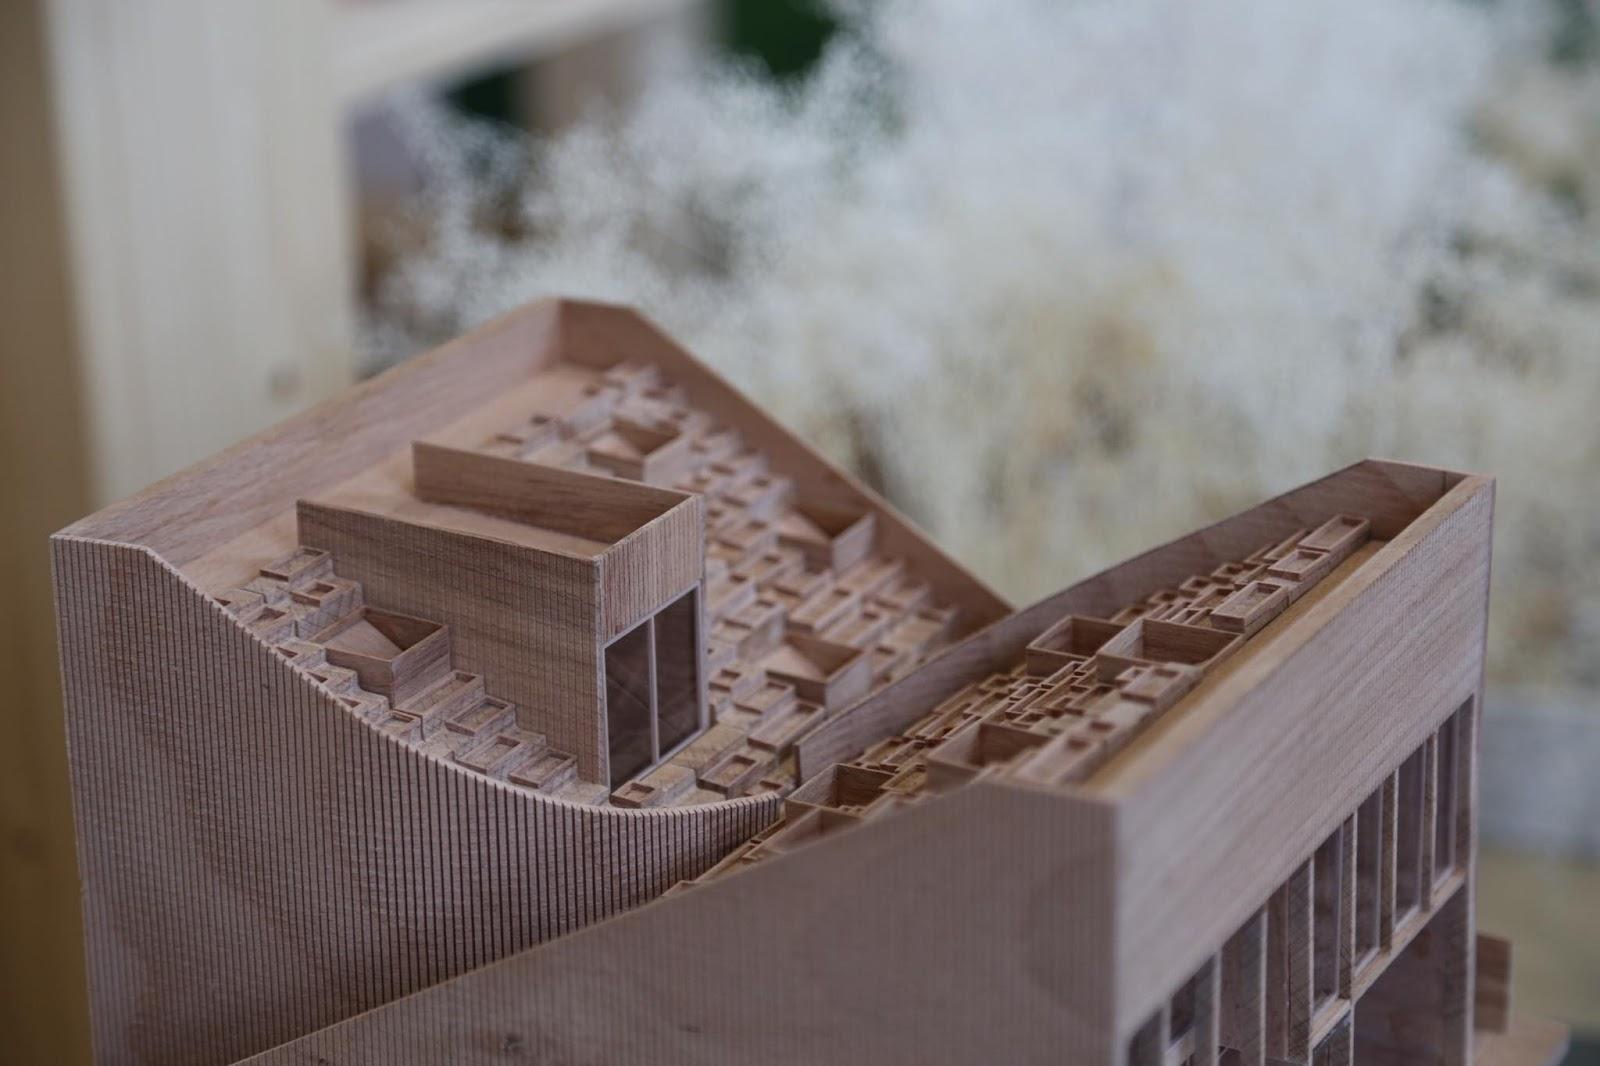 La casa del equilibrio - Vida y trabajo | [ Arte+ ]